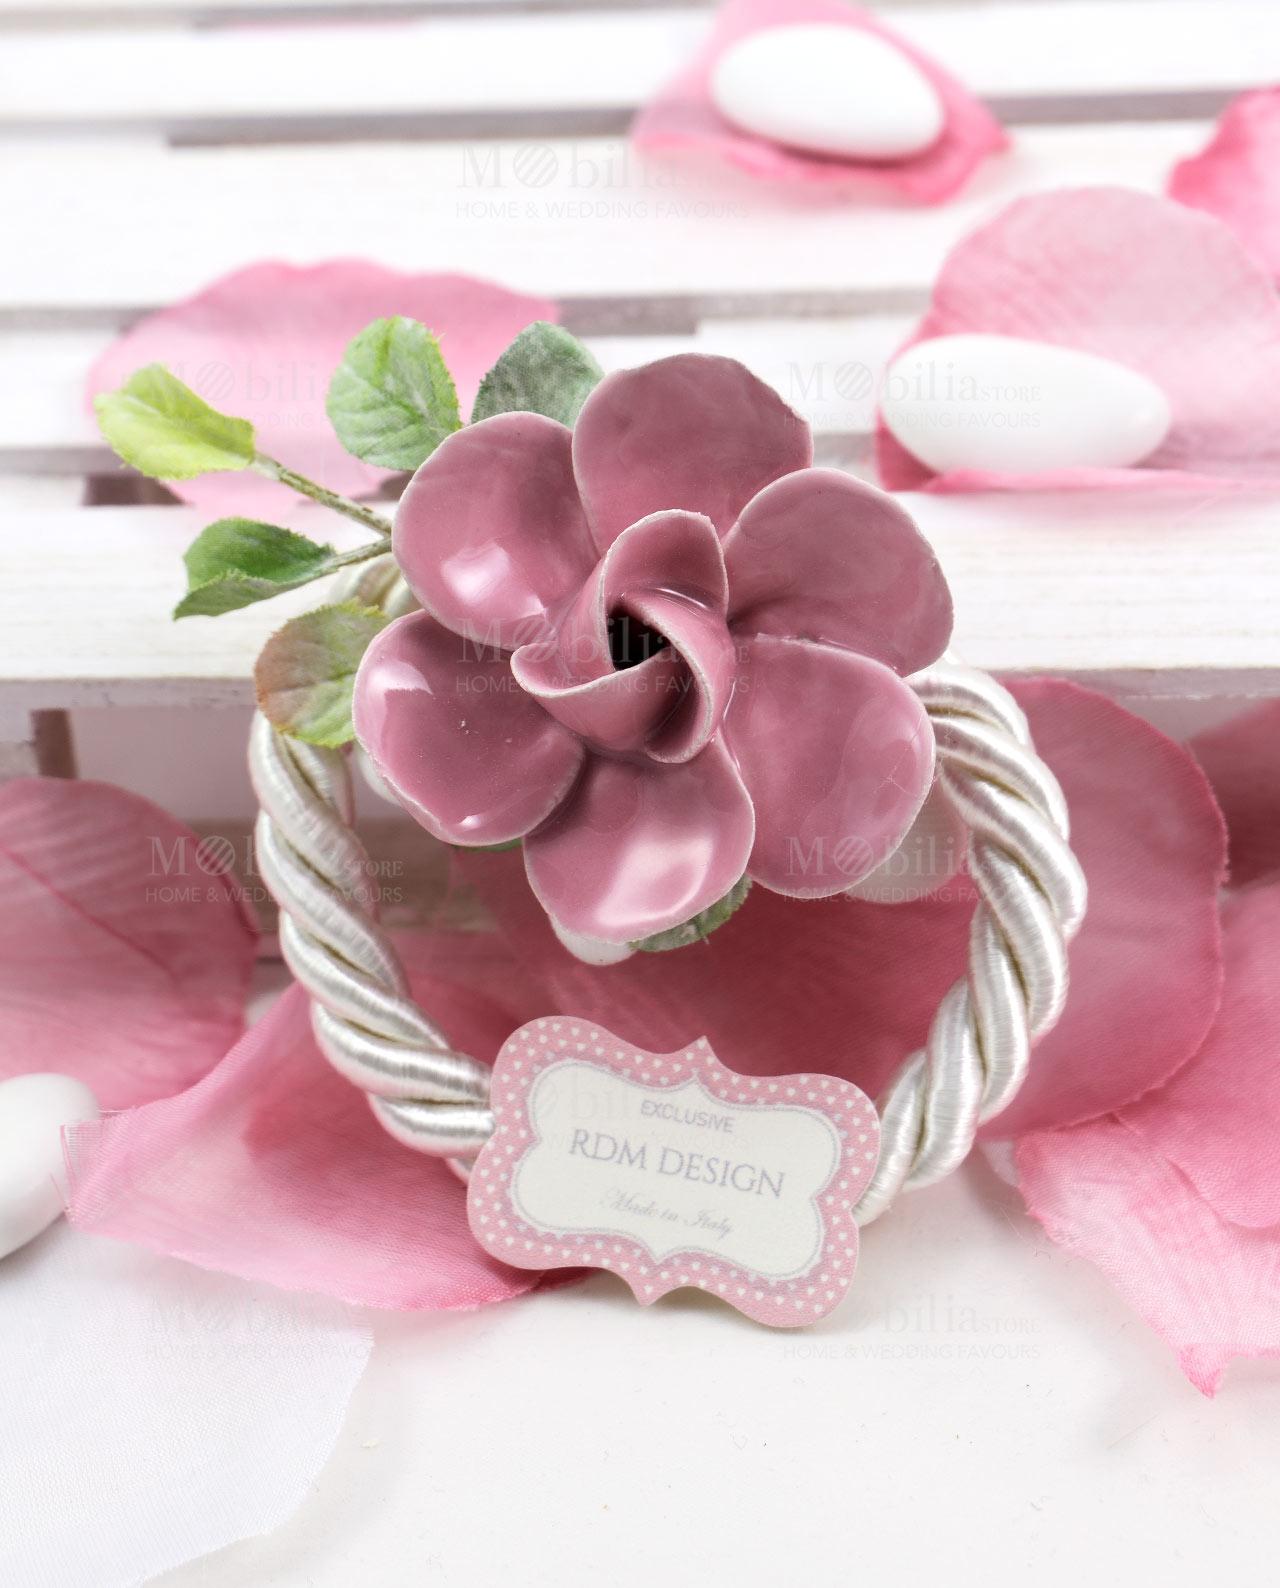 Segnaposto Matrimonio Fiori.Segnaposto Con Fiore Rosa Linea Blush Rdm Design Mobilia Store